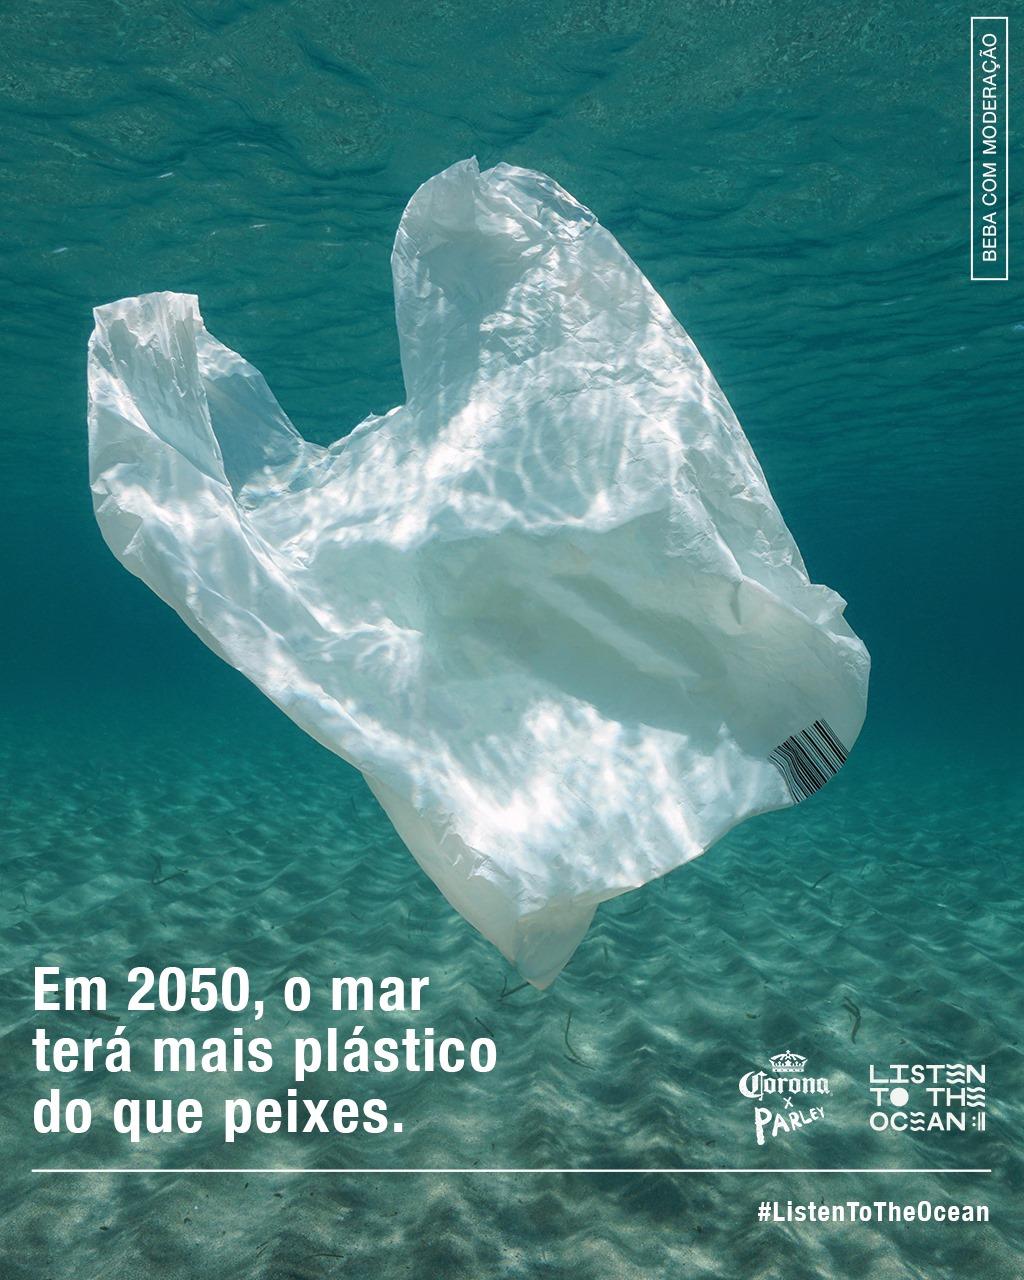 Campanha tem um conjunto de ações com a ONG Parley  (Foto: Divulgação)